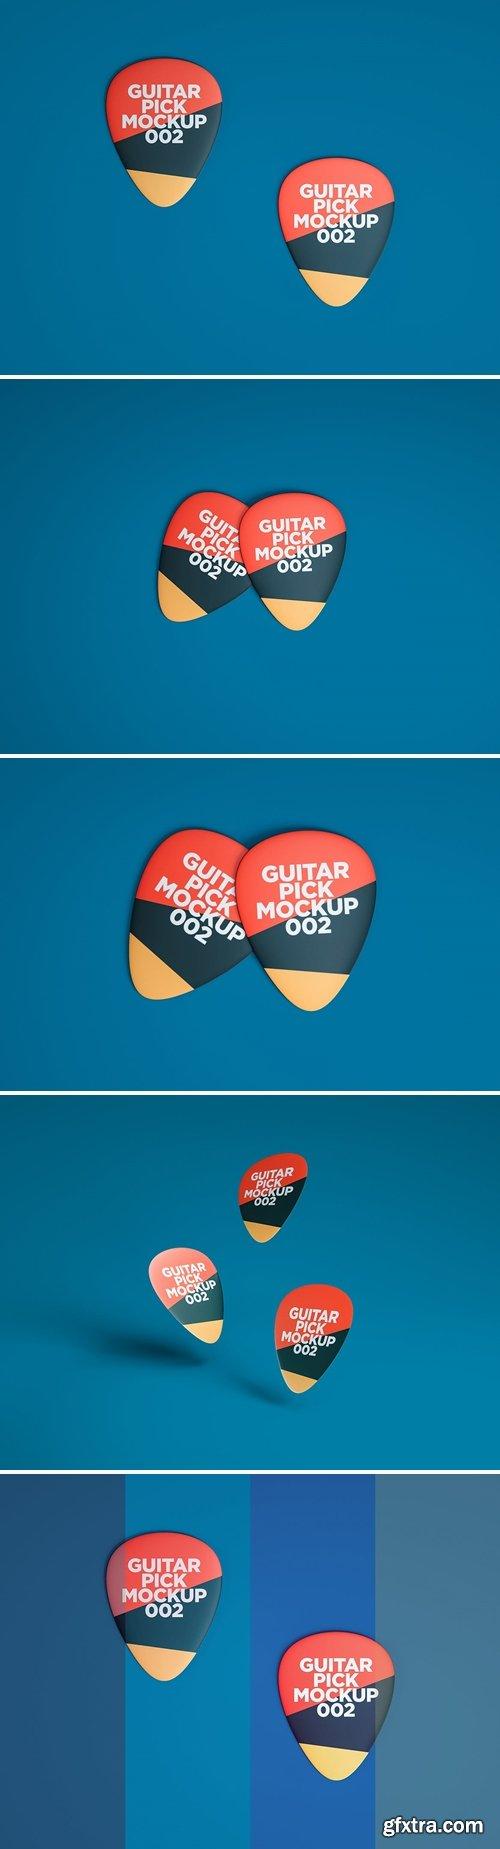 Guitar Pick Mockup 002